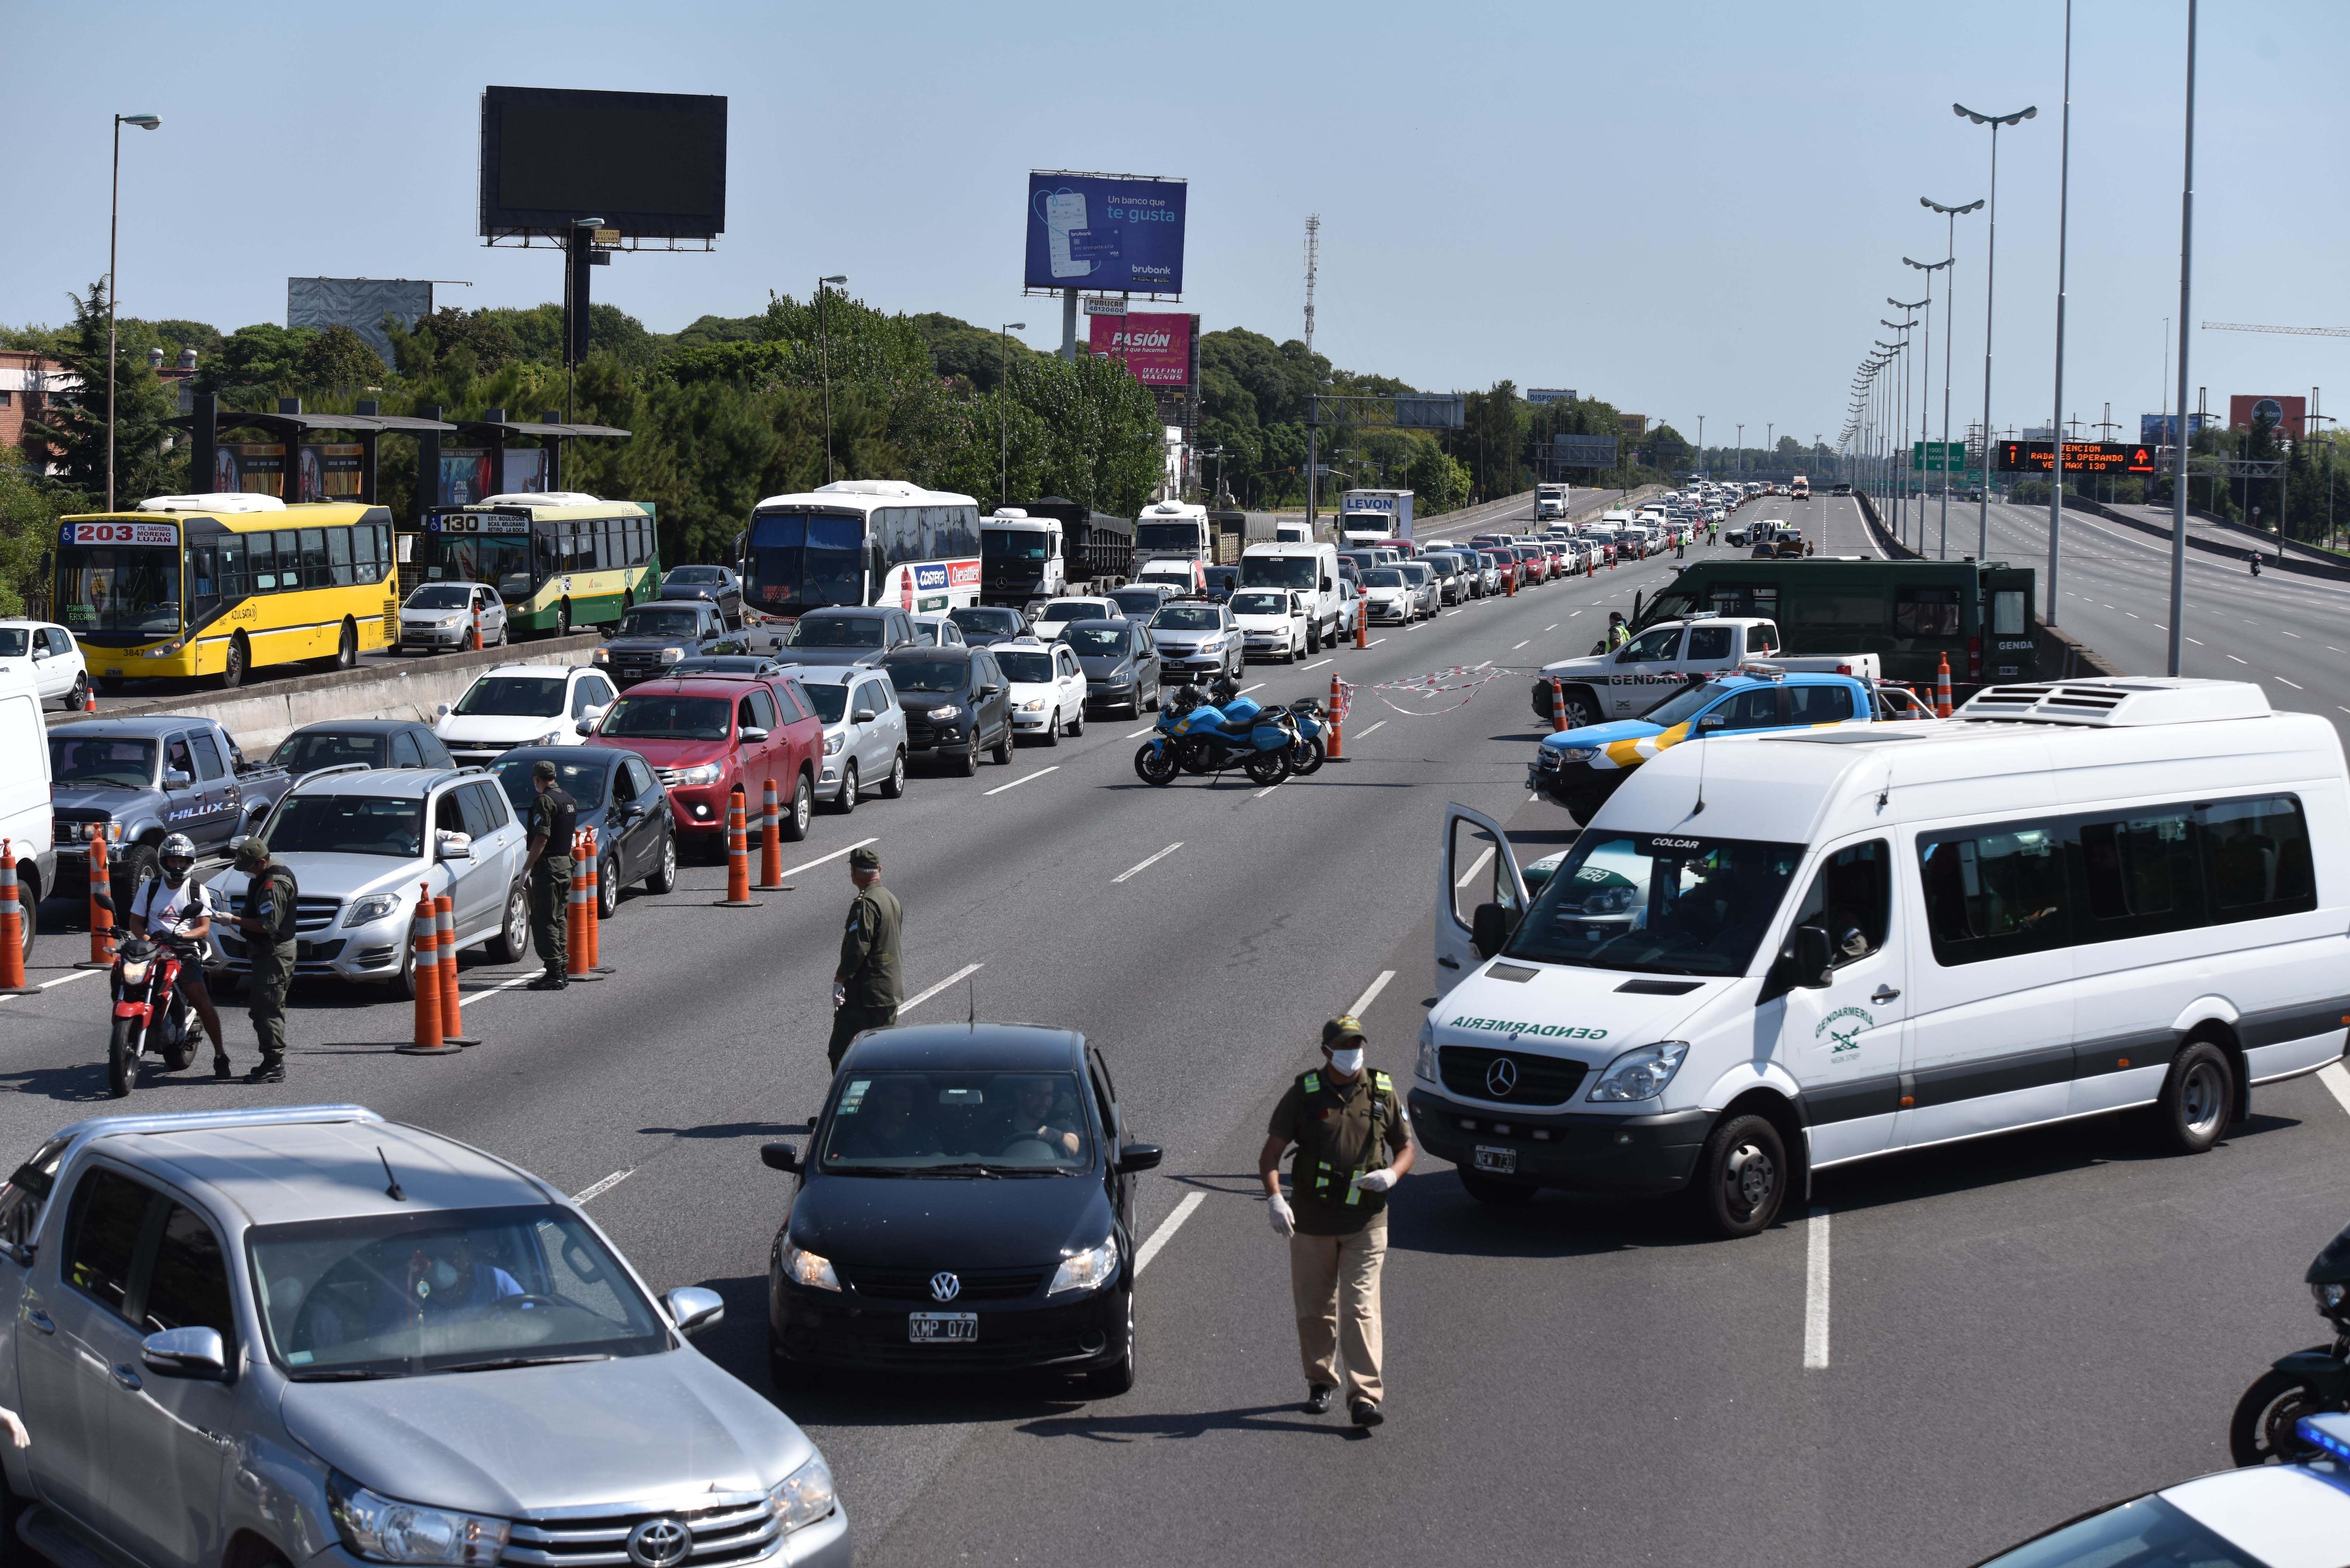 Imagen de que se repetiría. Se esperan controles más rígidos en Panamericana y otras vías de tránsito entre la Capital y la Provincia.